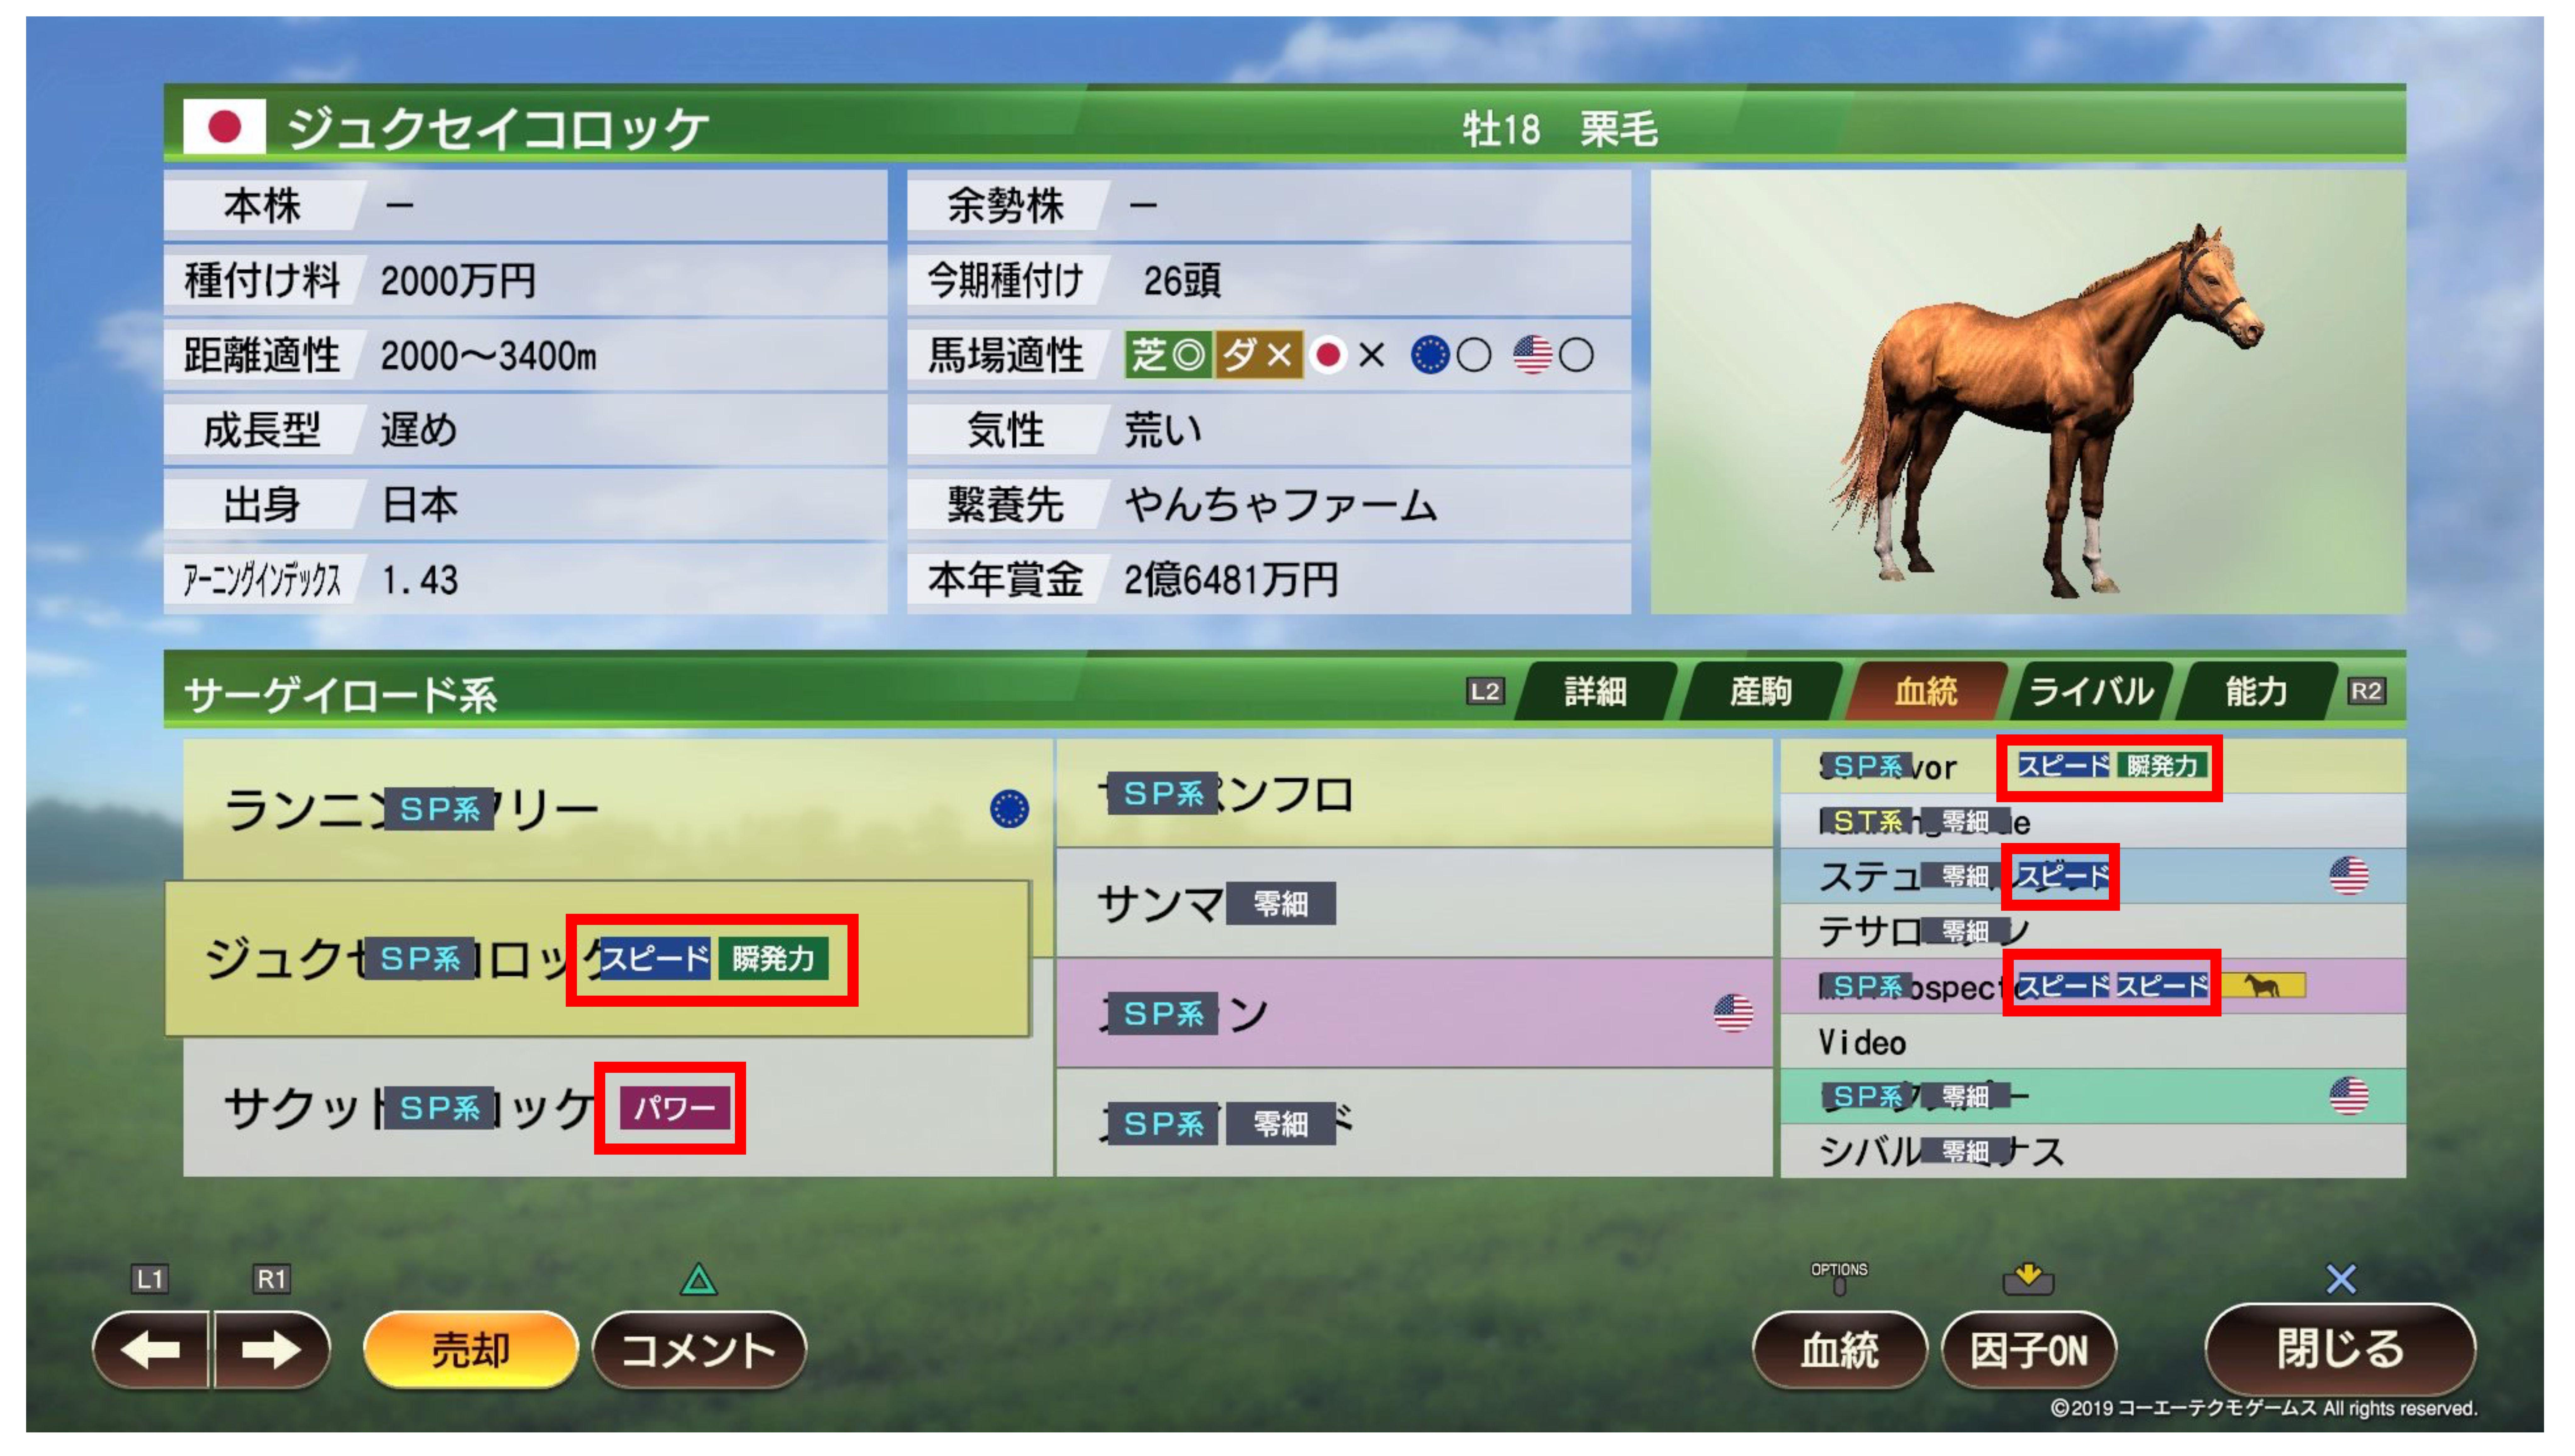 9 繁殖 牝馬 ウイニングポスト 牝系・繁殖牝馬